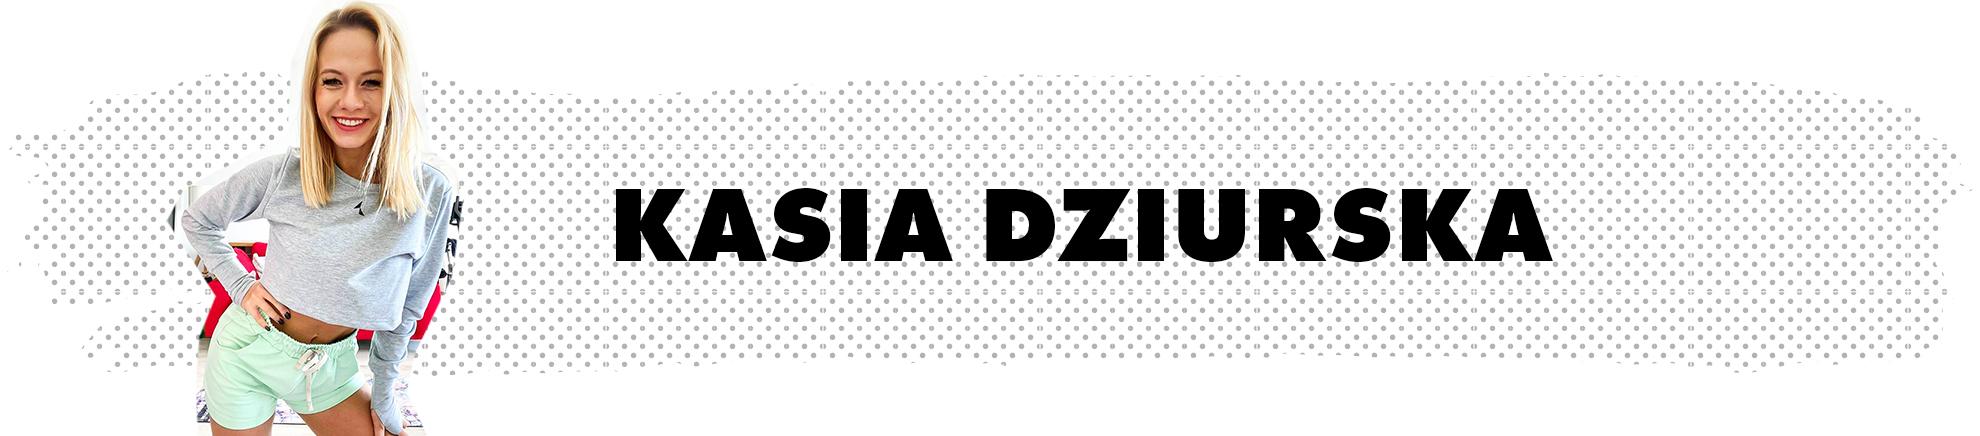 Kasia Dziurka - Carpatree brand ambassador